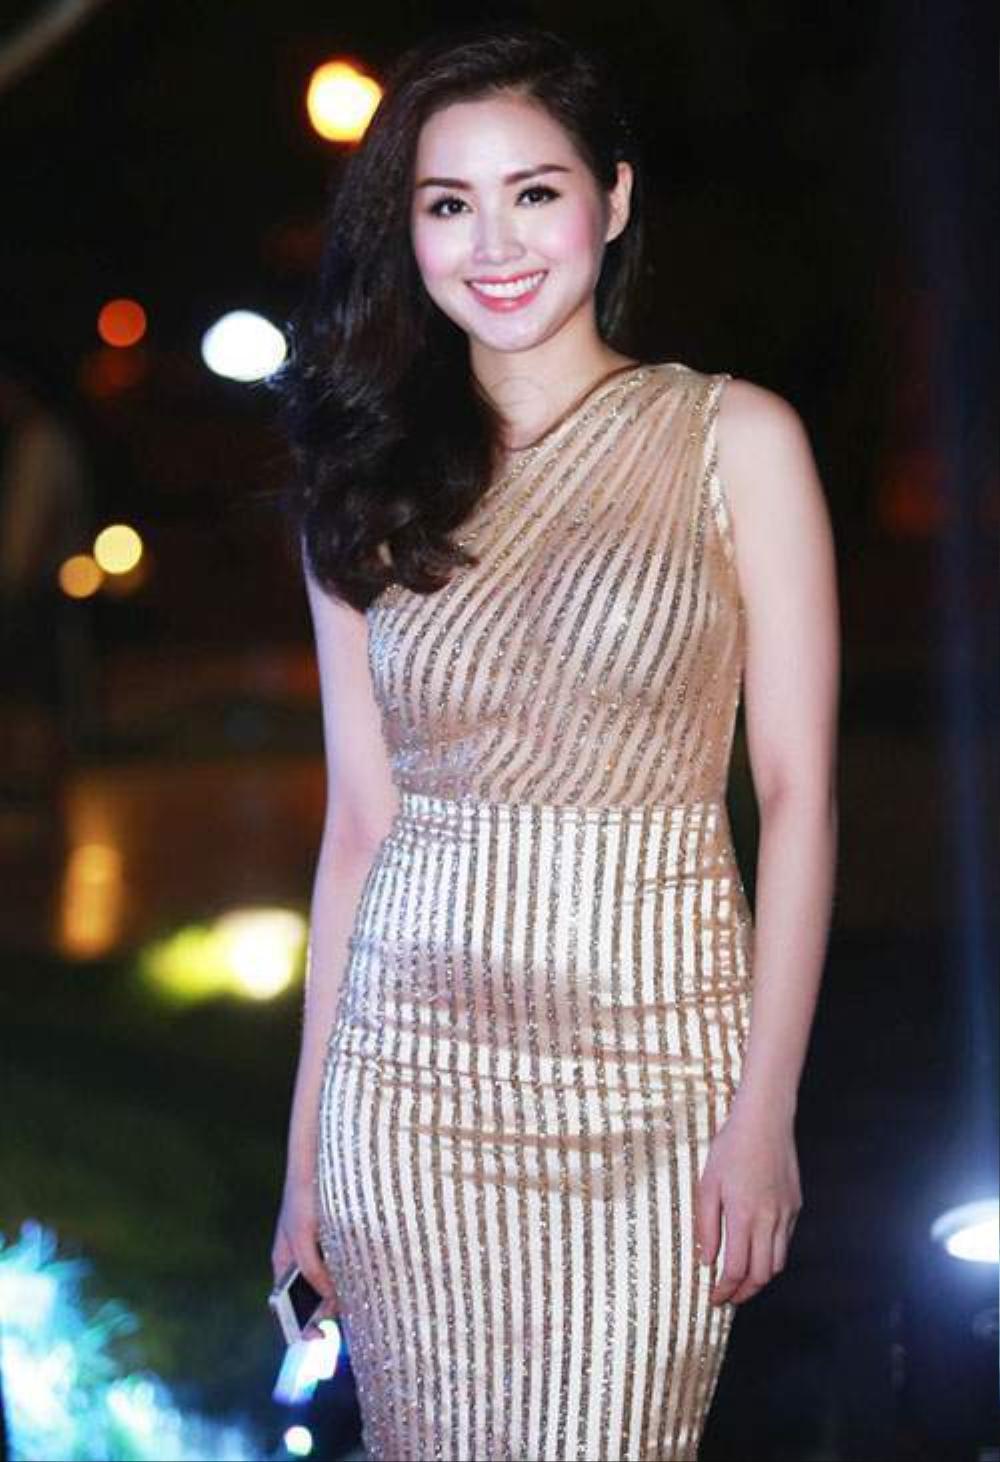 Sao Việt lộ mỡ thừa vì váy bó, body chuẩn như Mai Phương Thúy, Võ Hoàng Yến cũng dính nạn Ảnh 12